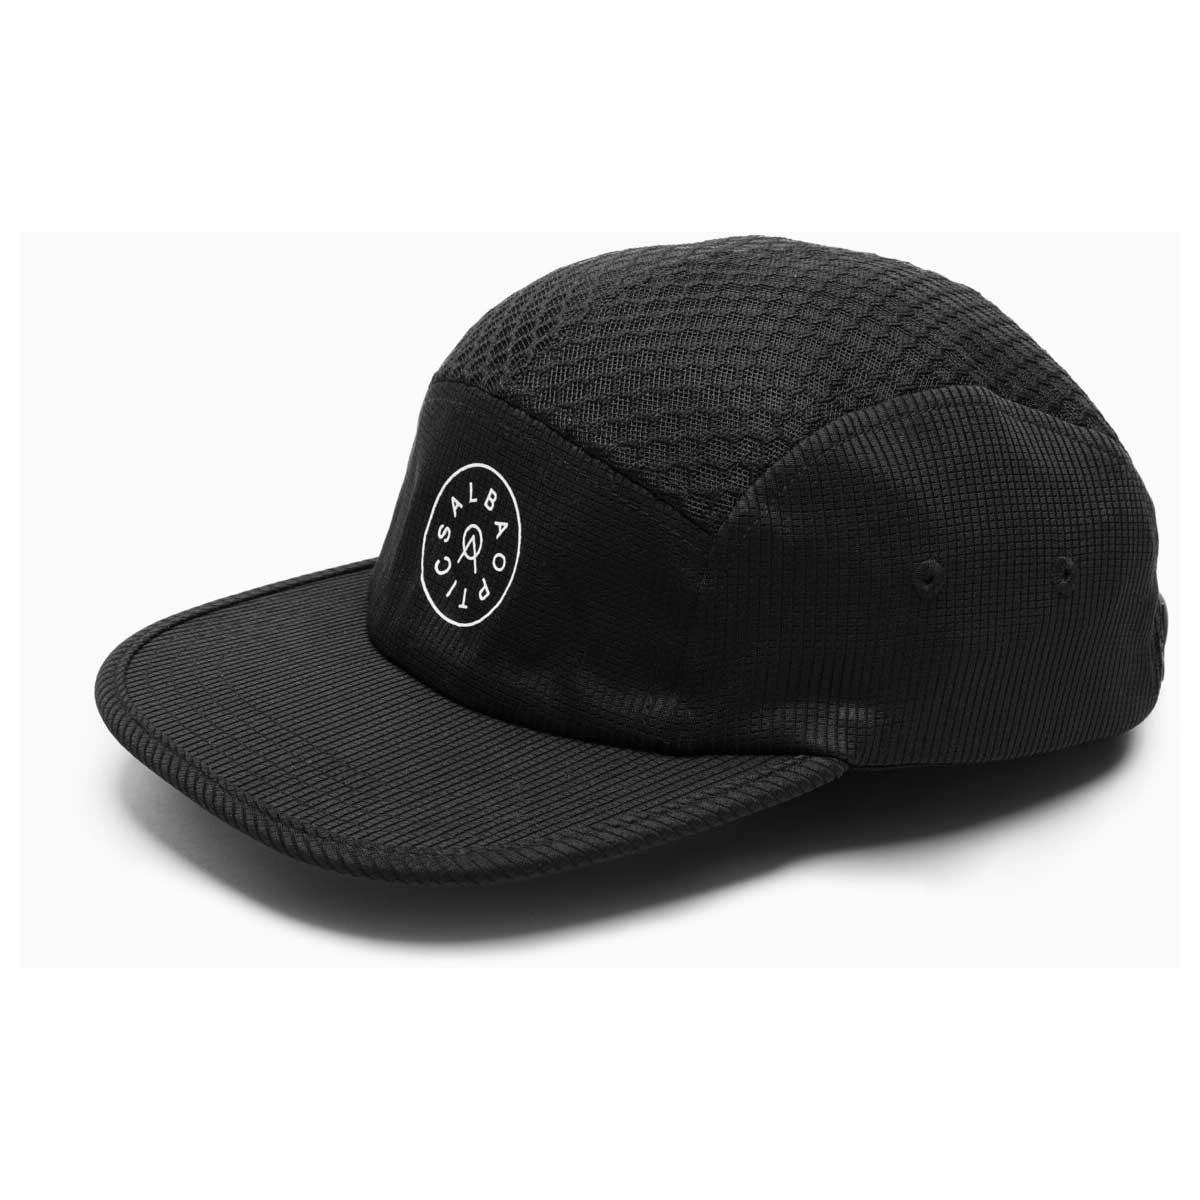 Produktbild von ALBA 5 Panel Hat - Cap - schwarz